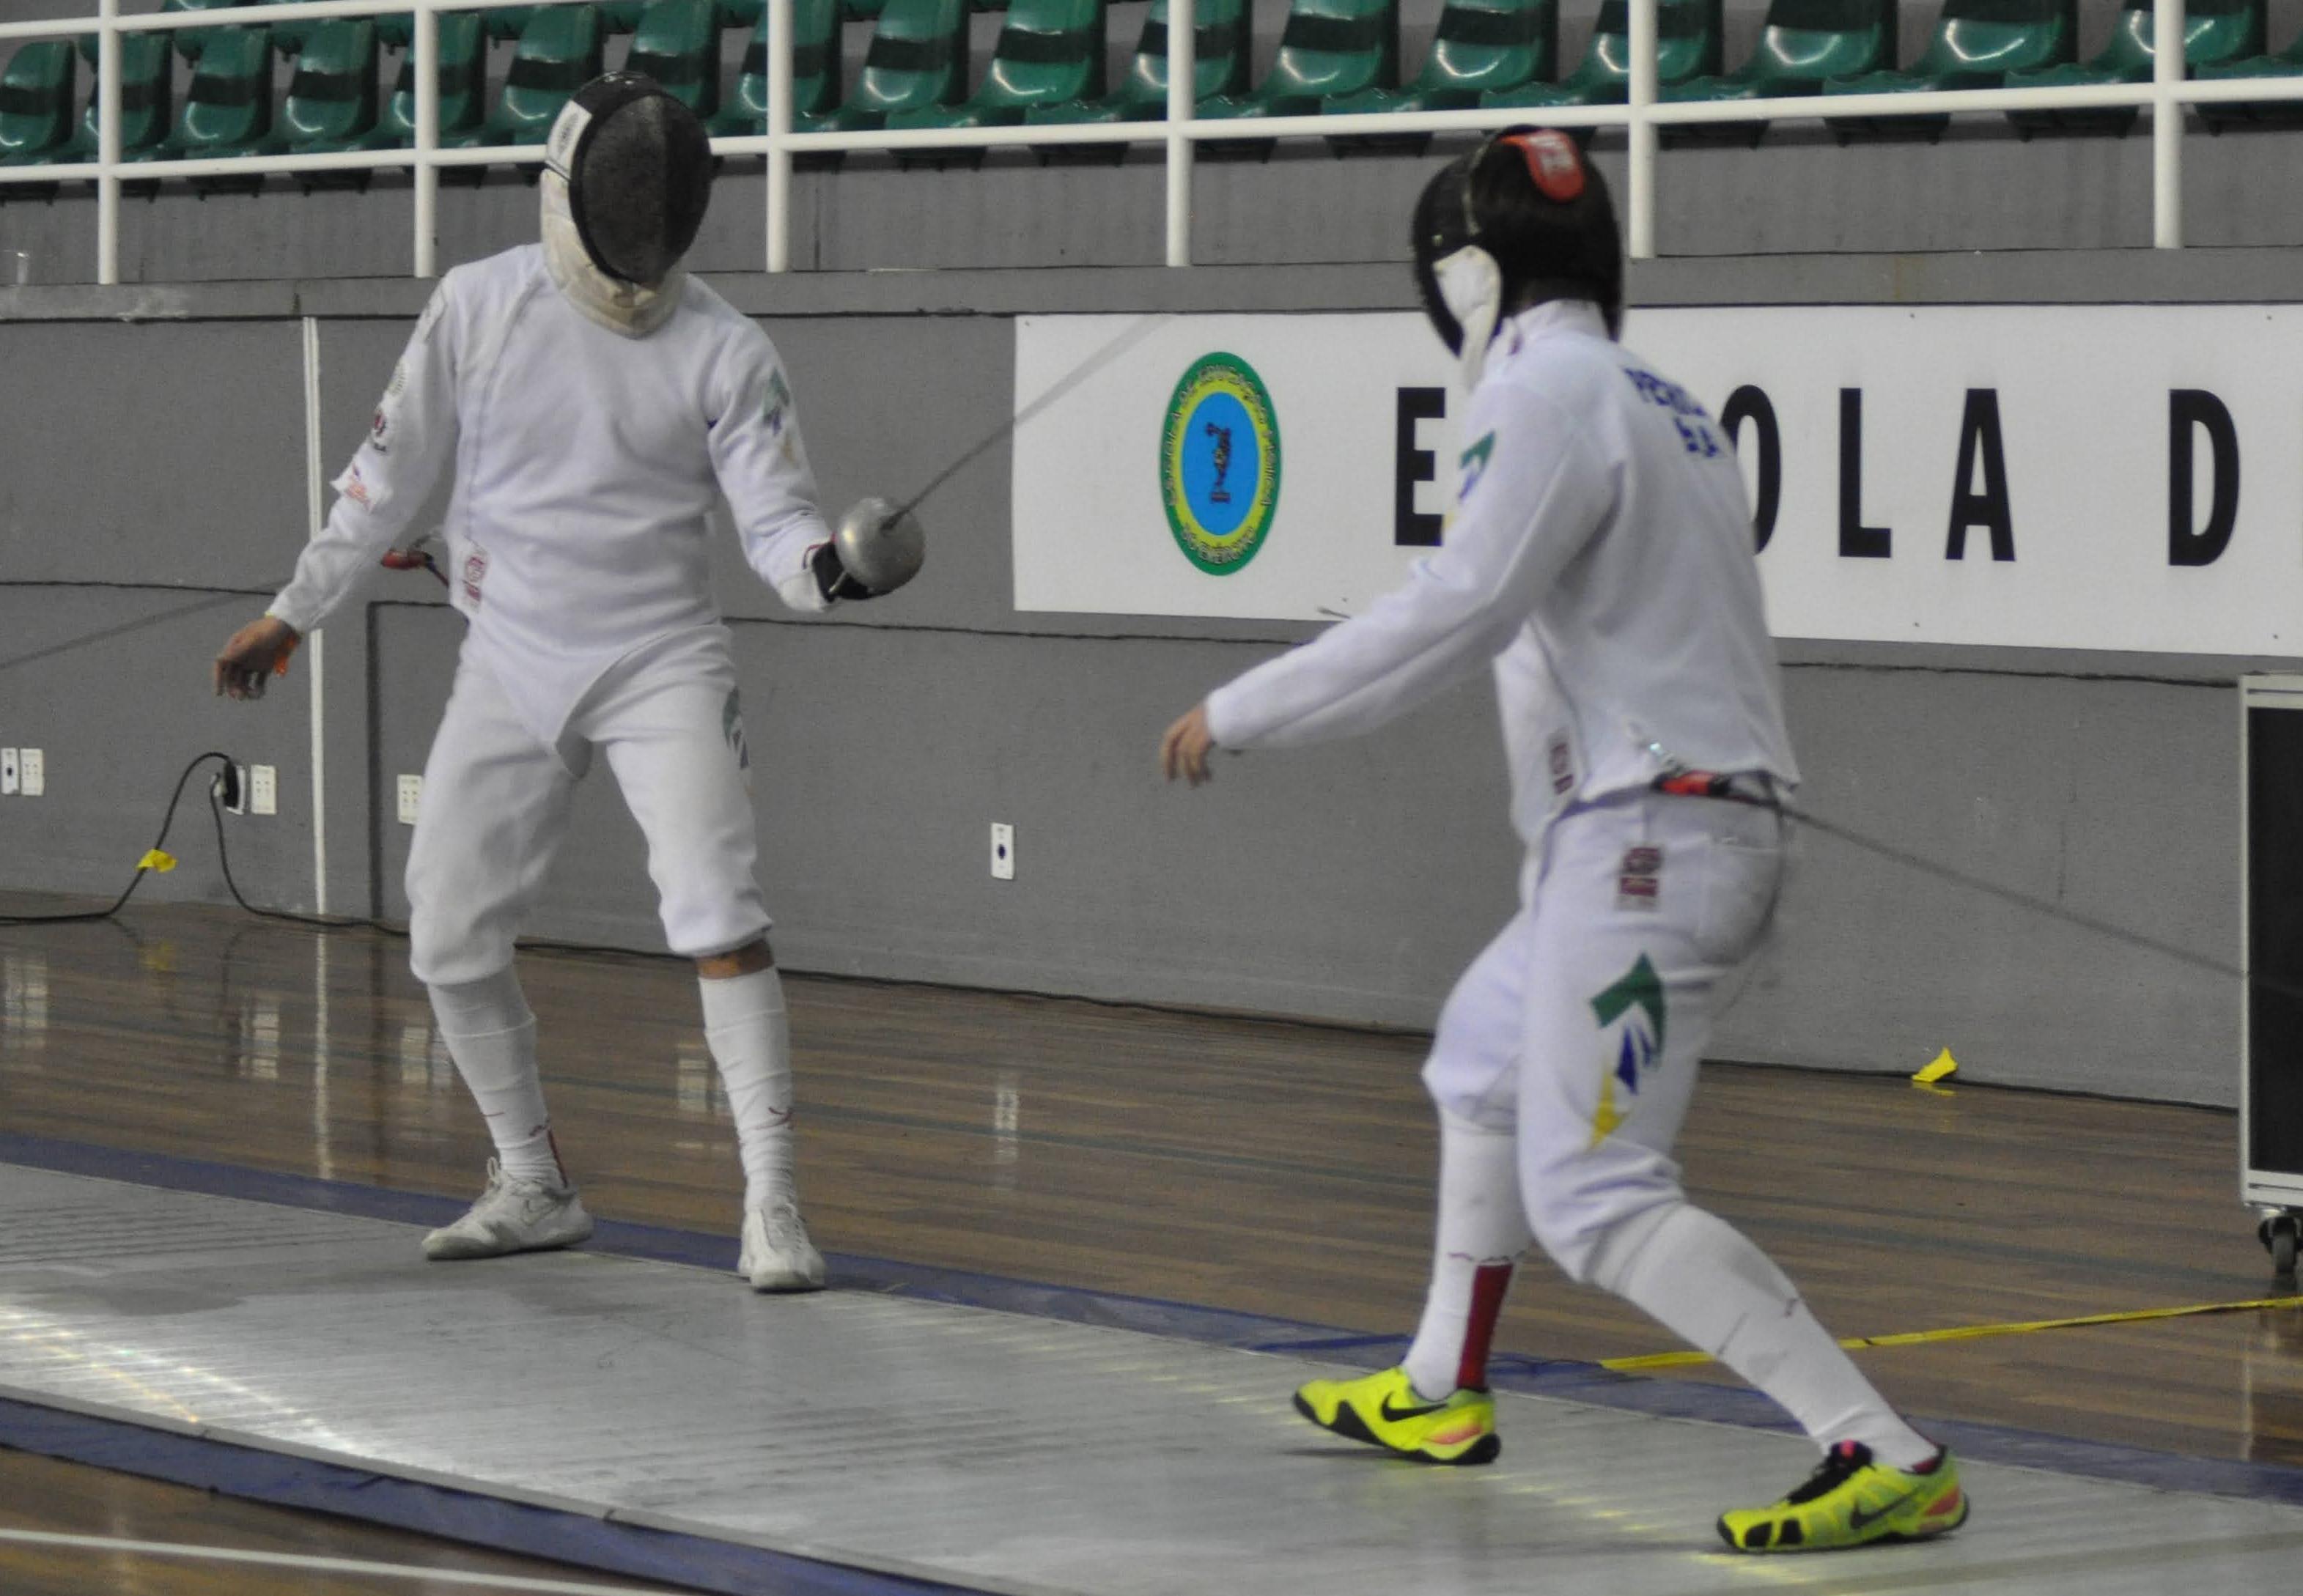 Na raça, Alexandre Camargo vence de virada e é campeão na espada masculina sênior